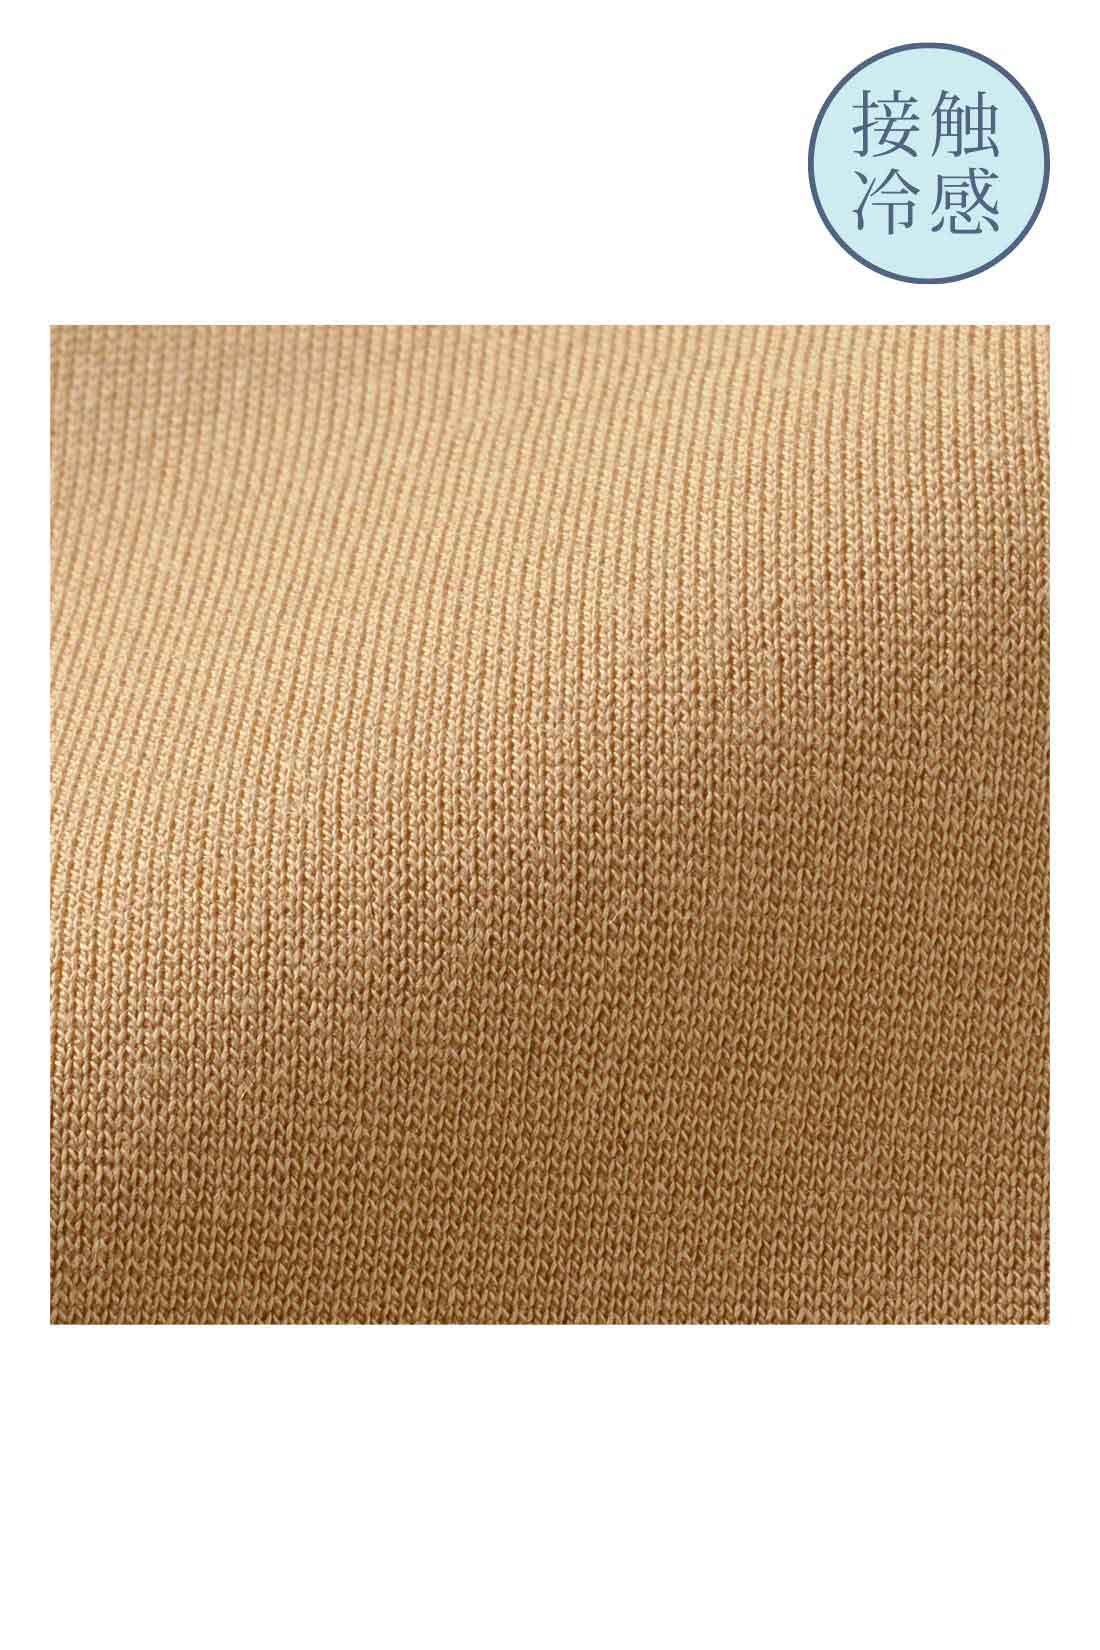 きれい見えする接触冷感カットソー 素材はほのかな光沢がきれいな、布はく見えするベアポンチカットソー。上質感漂うほどよい厚みと張りがありながら着心地はしなやかで伸びやか。接触冷感でひんやり涼しい肌心地です。